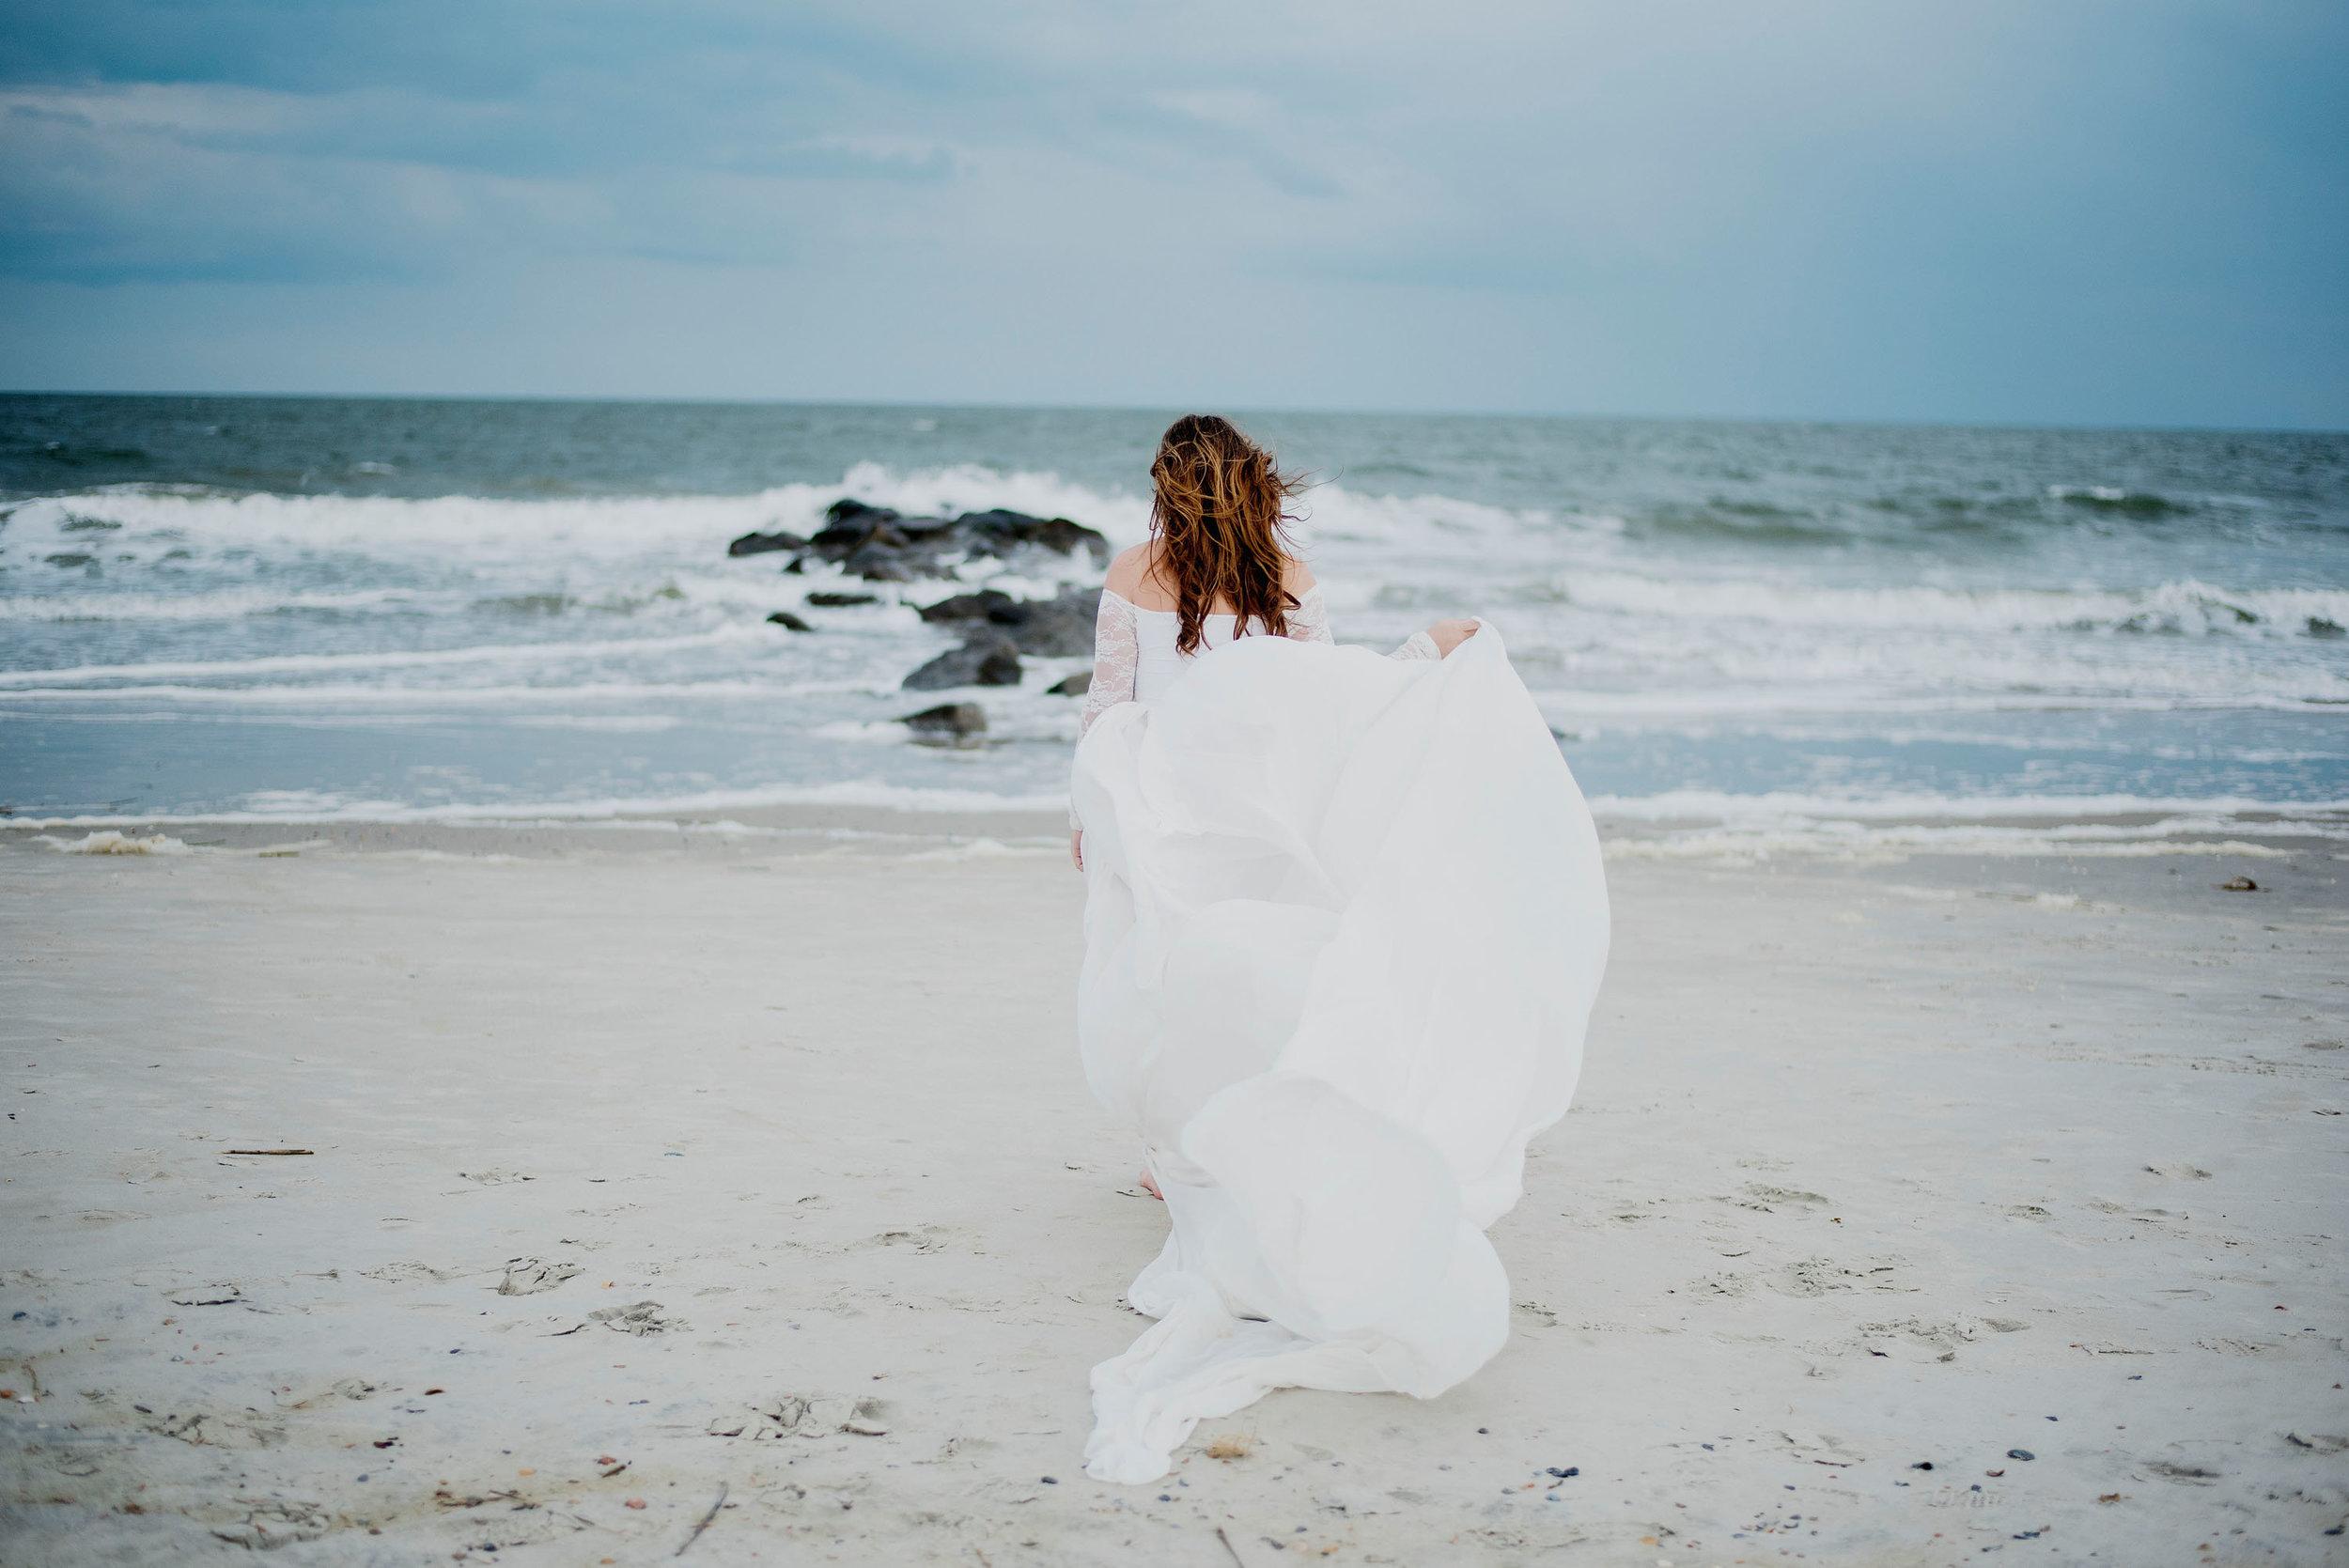 Austin Maternity Photographer Tybee Beach Savannah GA Destination Glamour Whimsical059.jpg